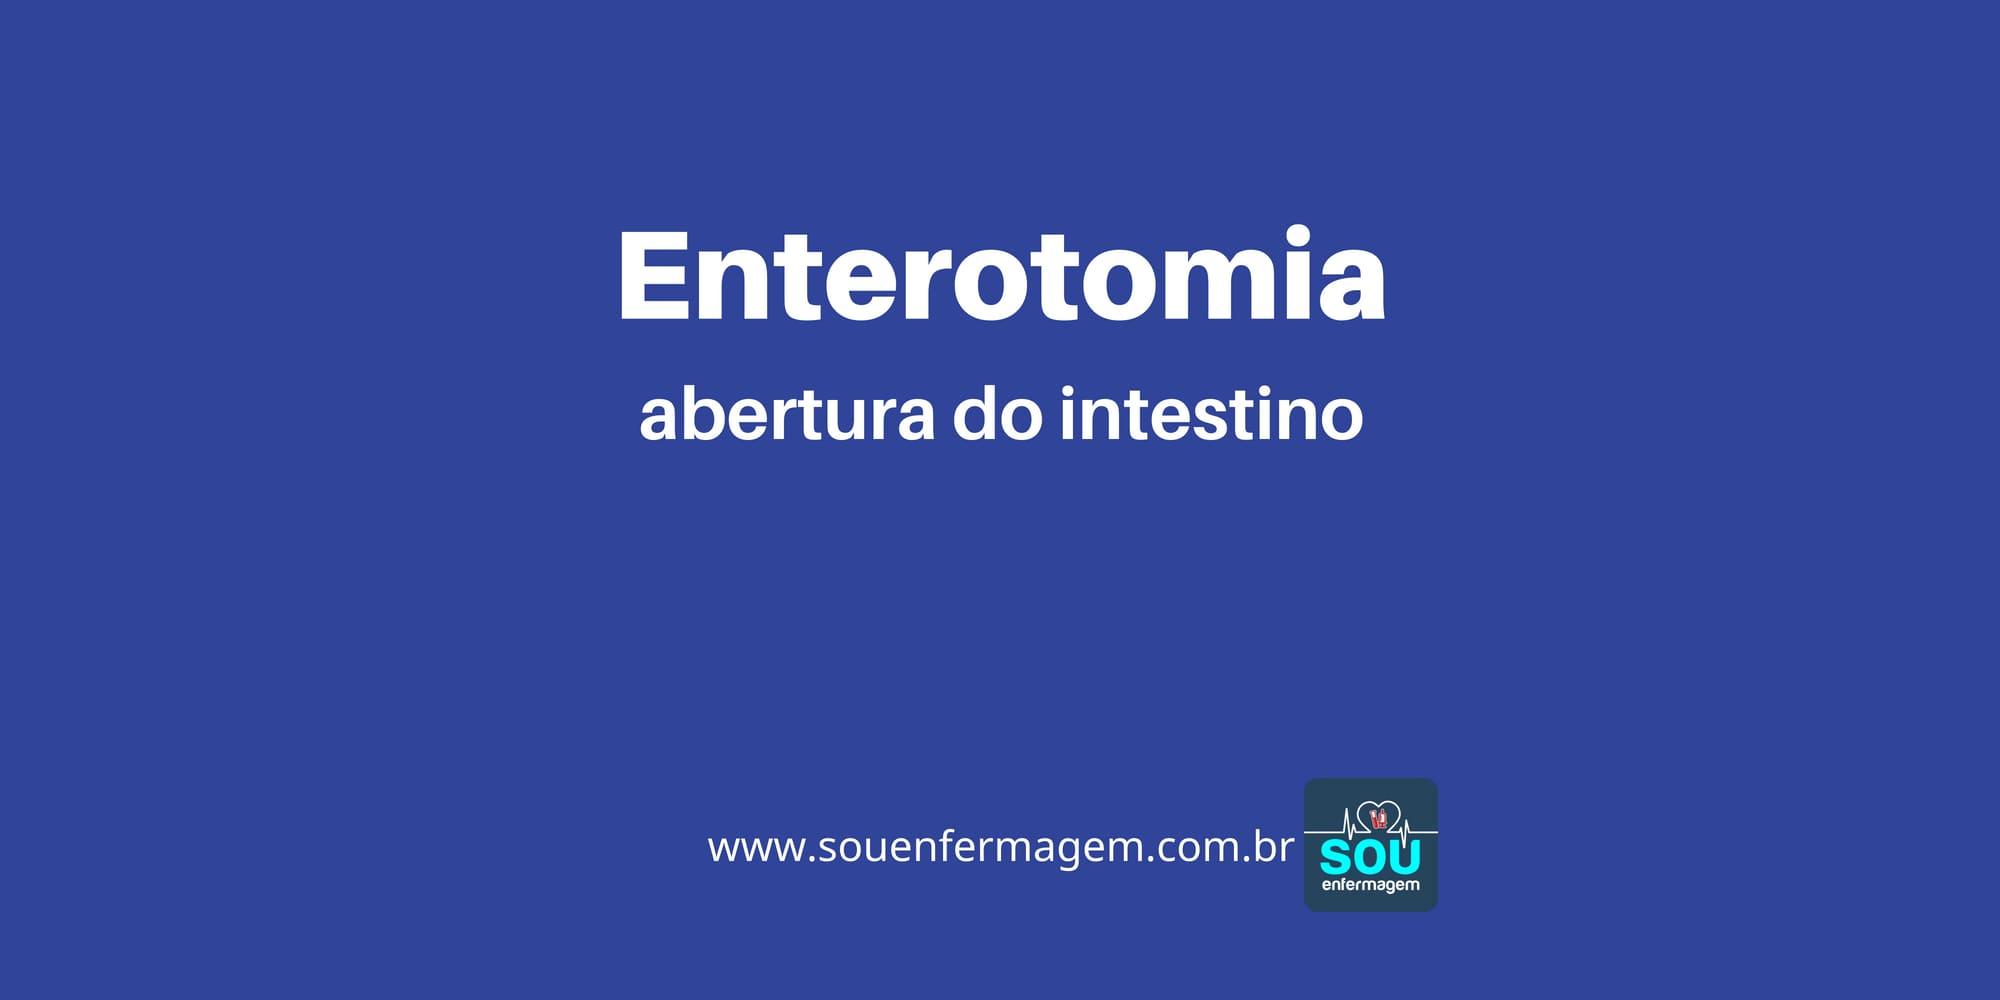 Enterotomia